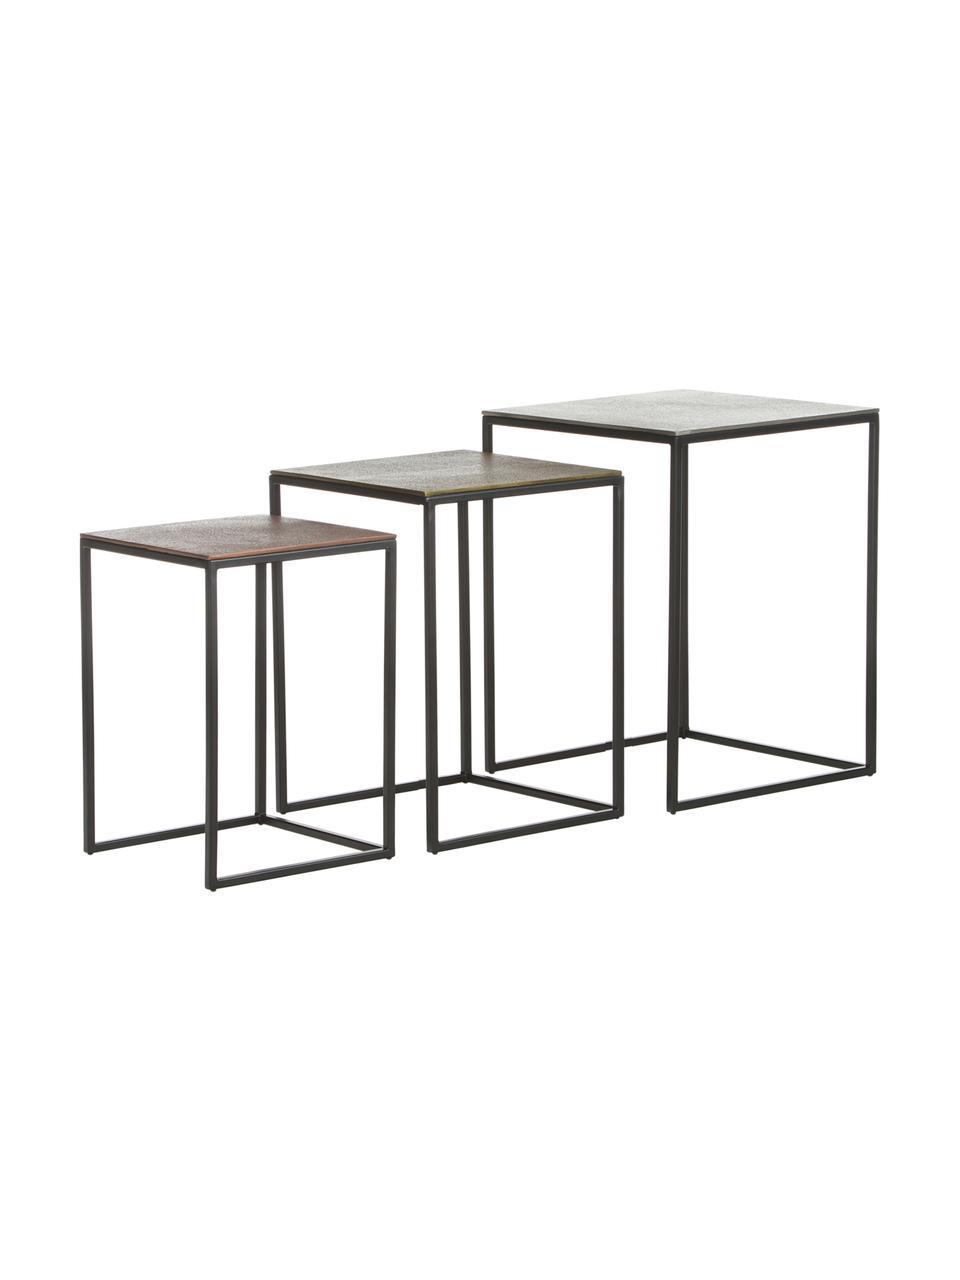 Table d'appoint gigogne Dwayne, 3élém., Aluminium, laiton